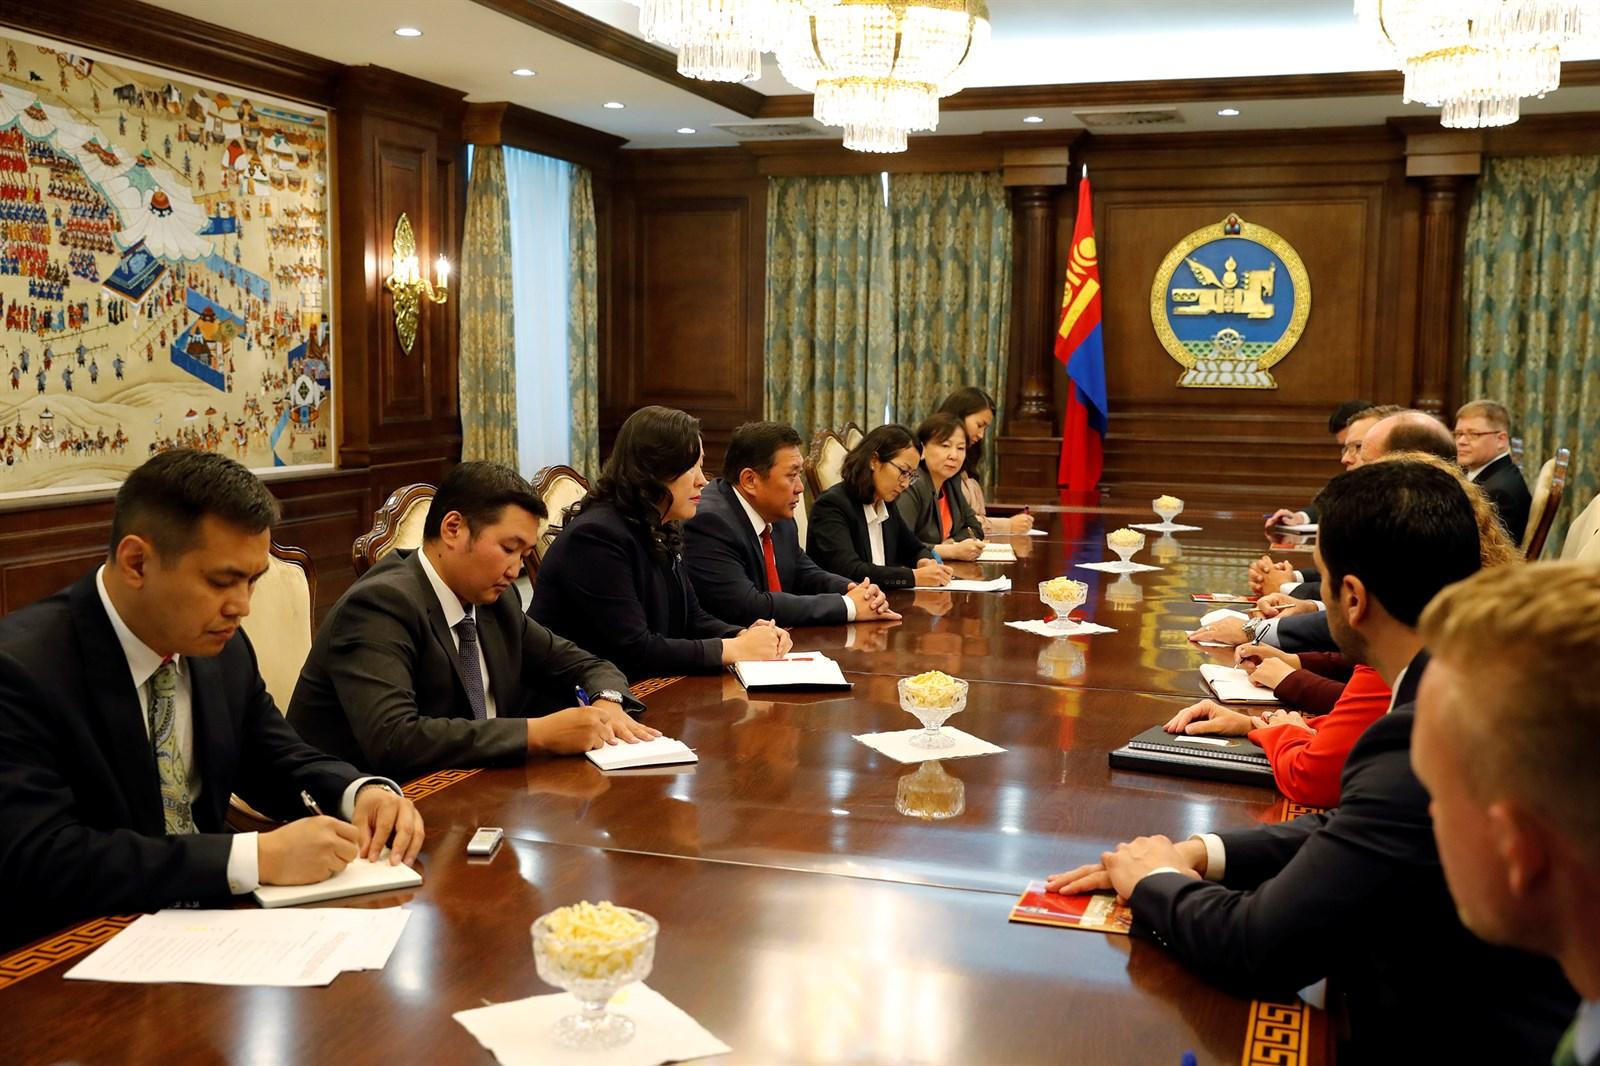 АНУ-ын Конгрессын Төлөөлөгчдийн танхимын гишүүдийг хүлээн авч уулзлаа